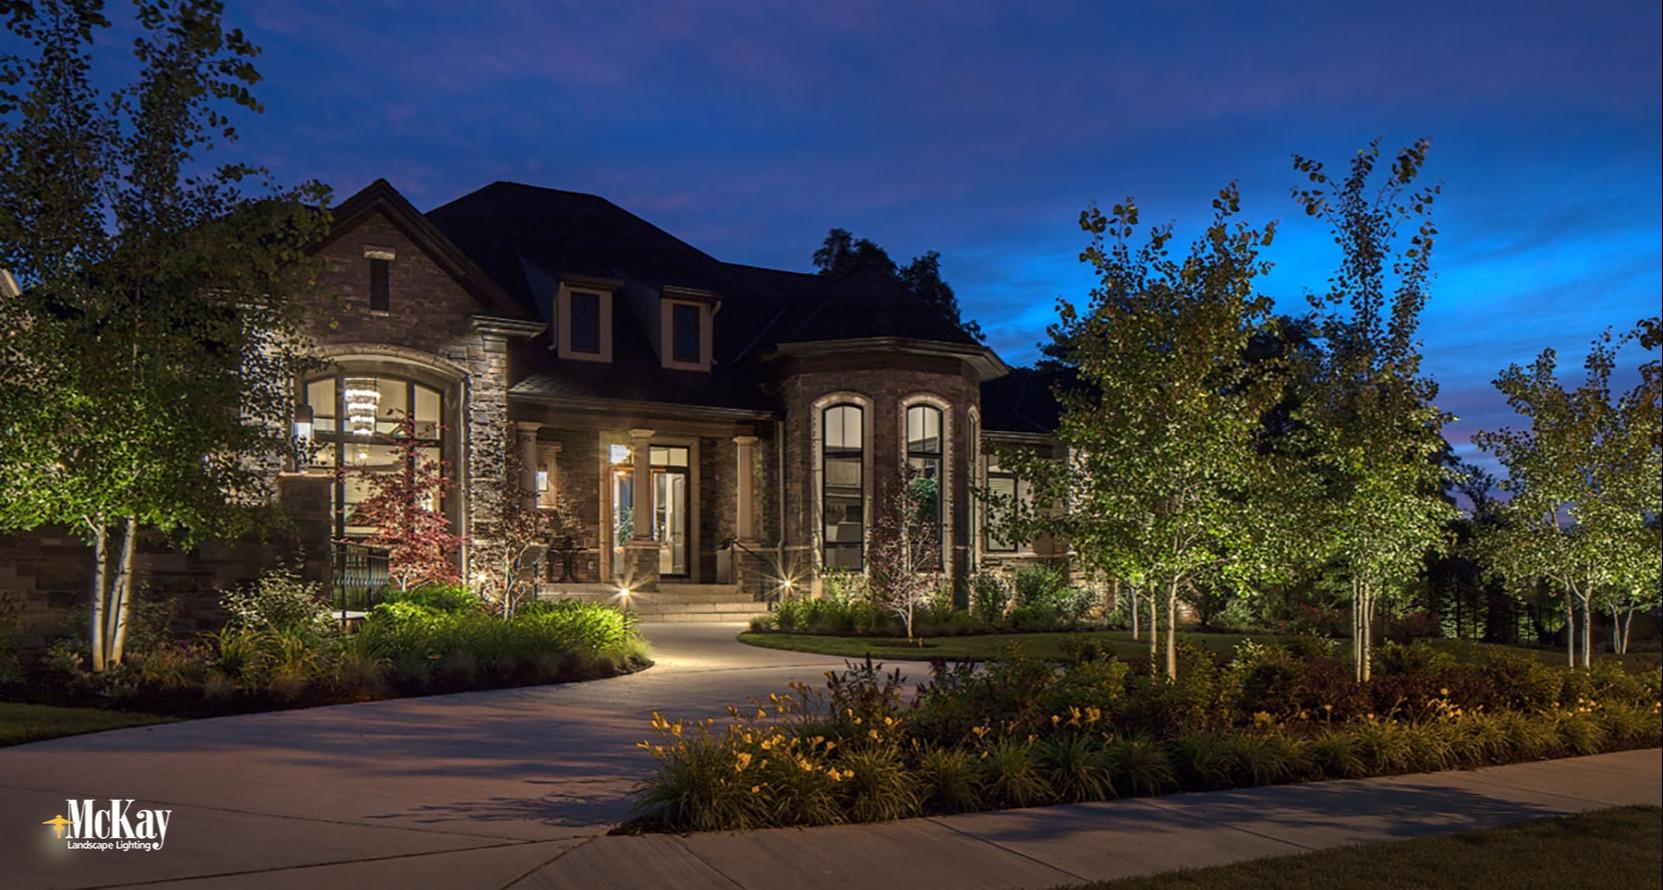 Outdoor Landscape Lighting Design and Installation Omaha Nebraska